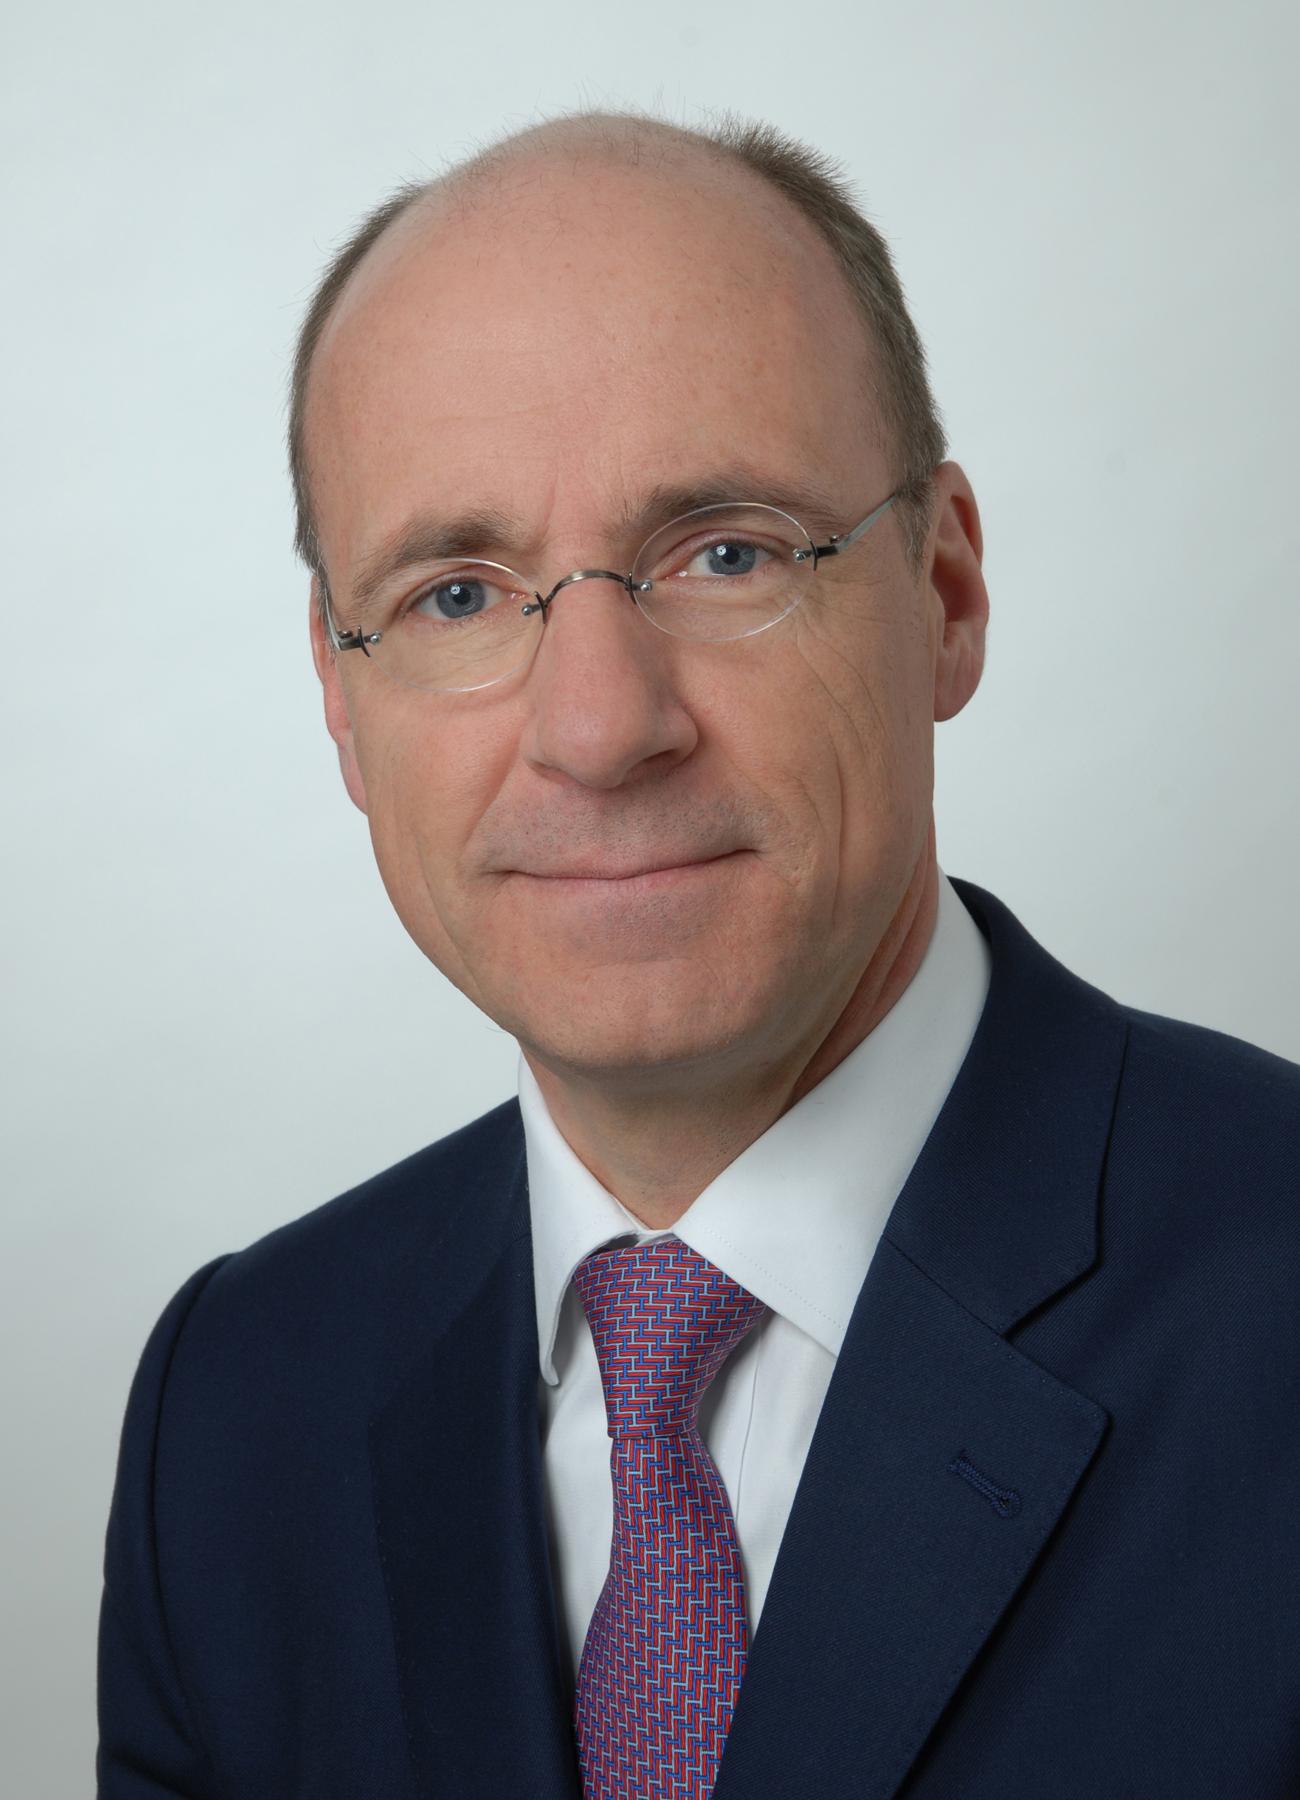 Volkhard Bregulla, vice president vendite globali, produzione, automotive e IoT, HPE